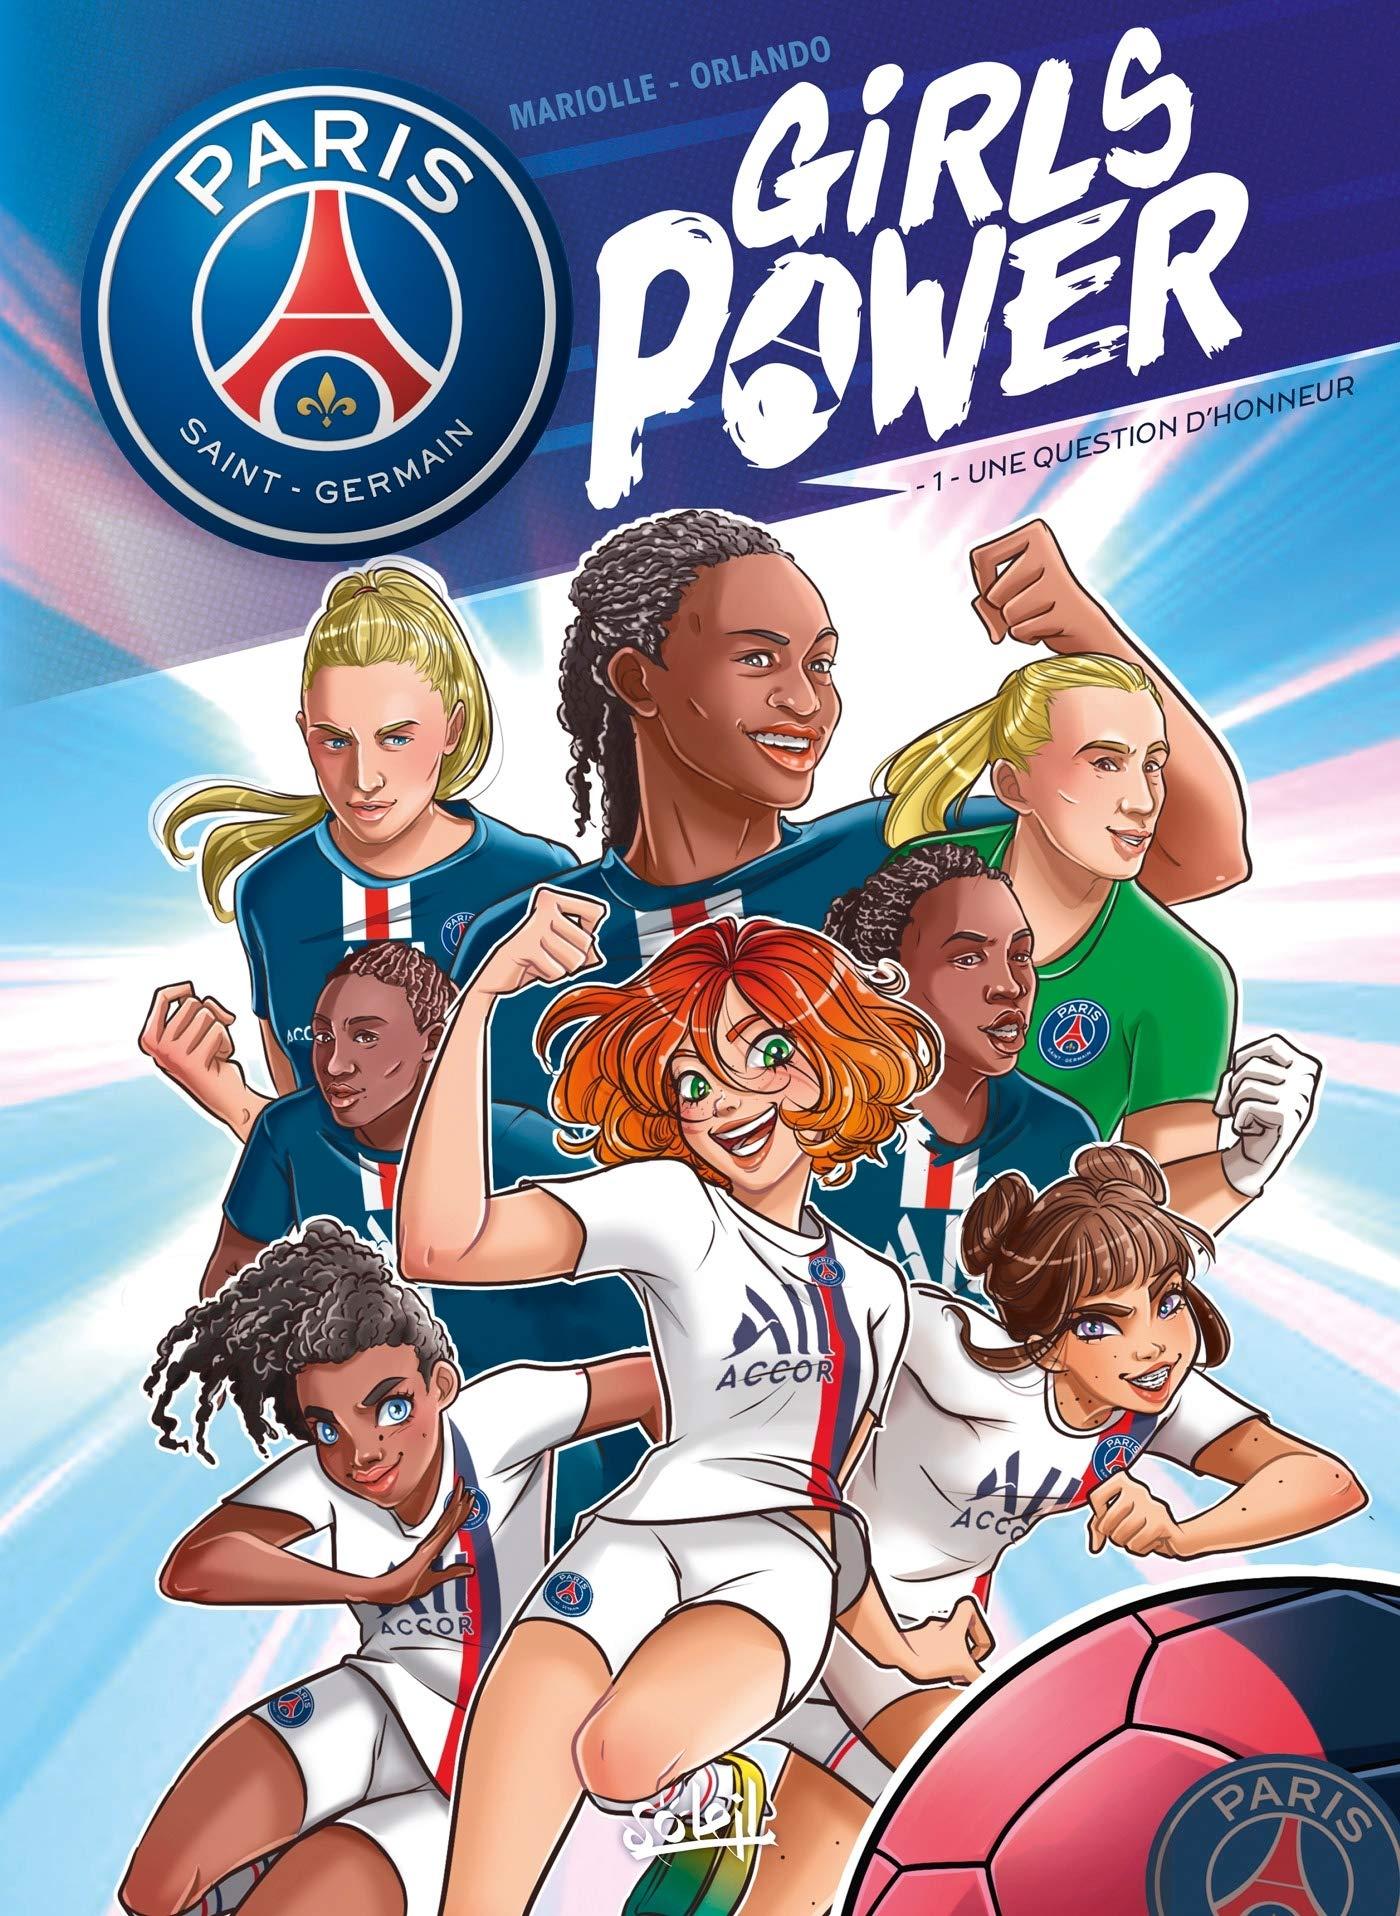 Paris Saint-Germain - Girls power 1 - Une question d'honneur